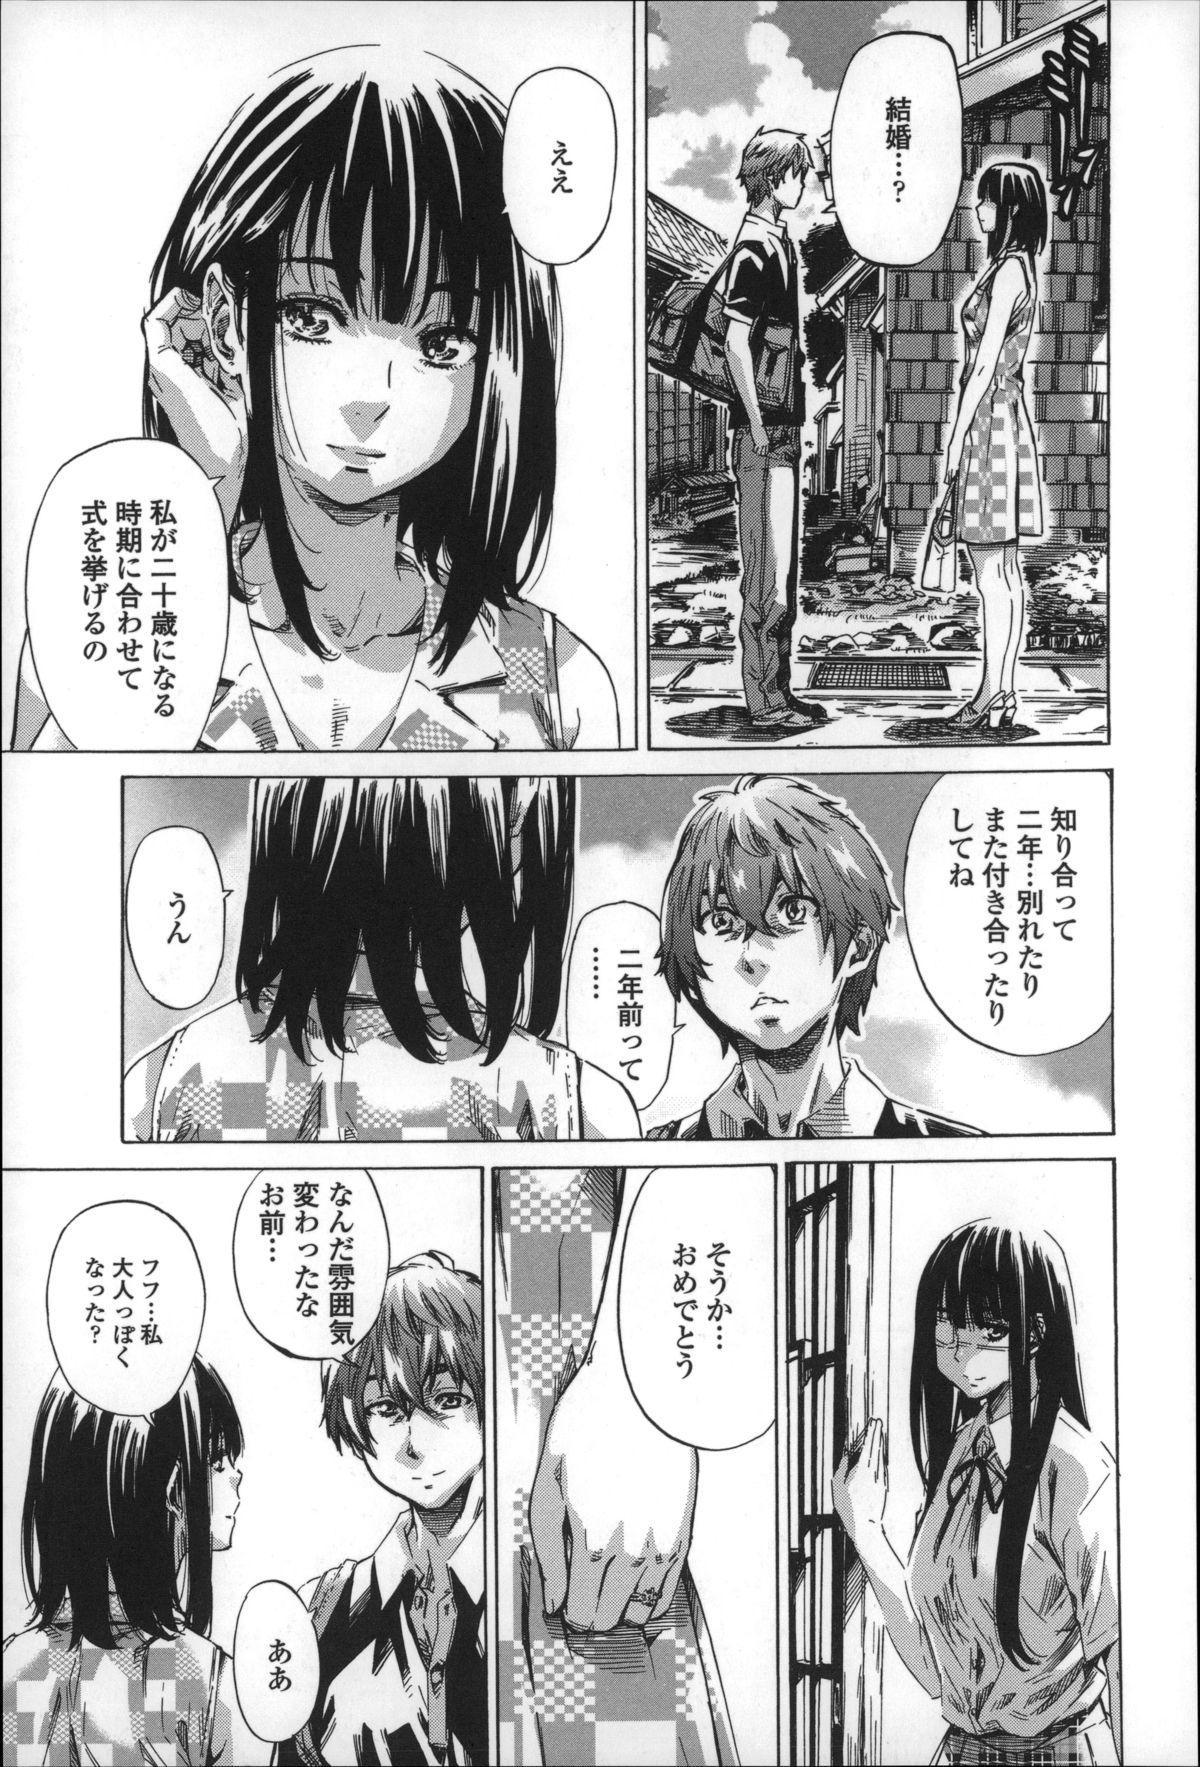 Choushin de Mukuchi no Kanojo ga Hatsujou Shite Kitara Eroiyo ne? 176